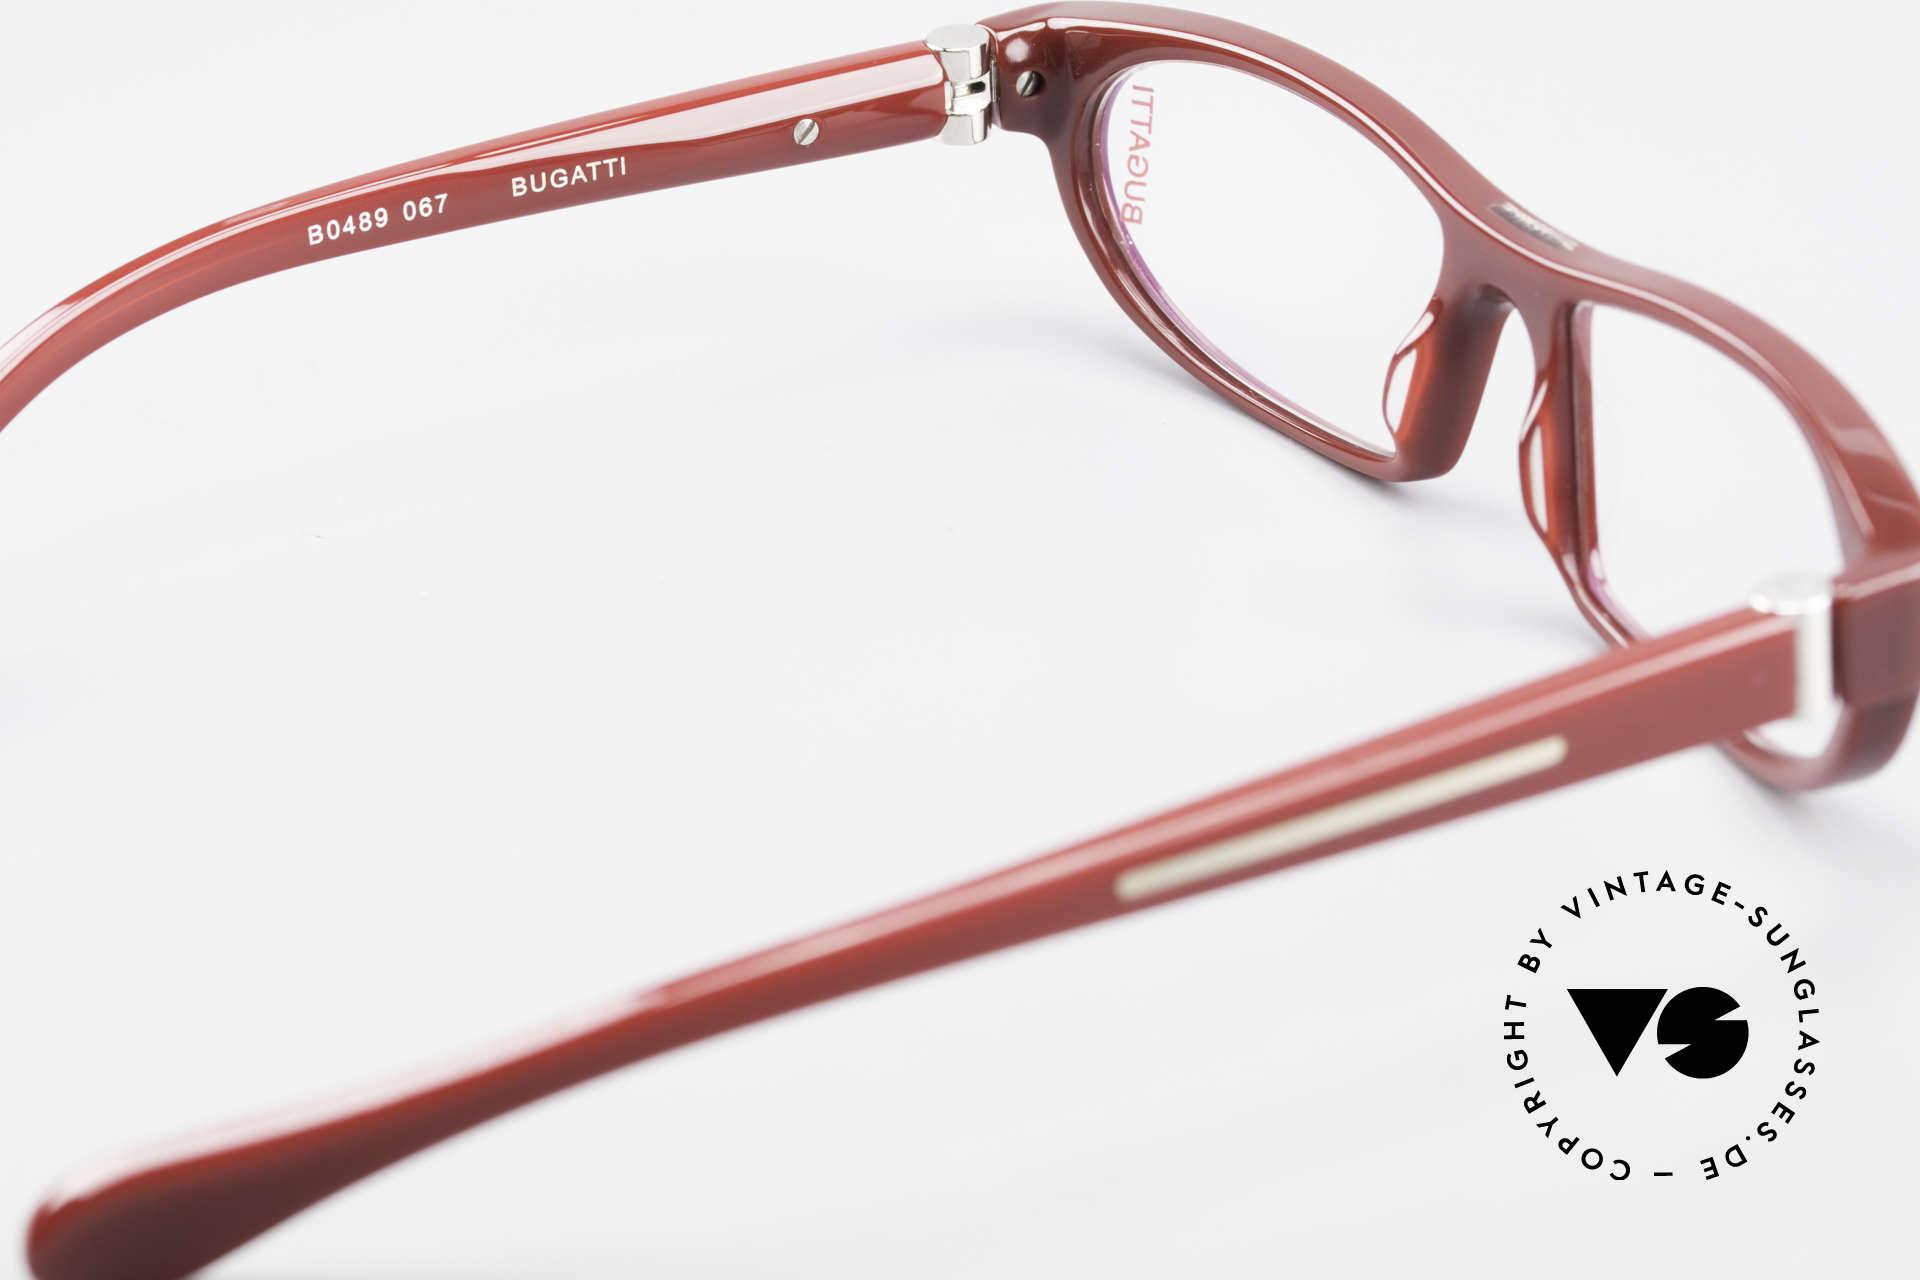 Bugatti 489 Sporty Designer Eyeglasses, the frame is made for optical lenses / sun lenses, Made for Men